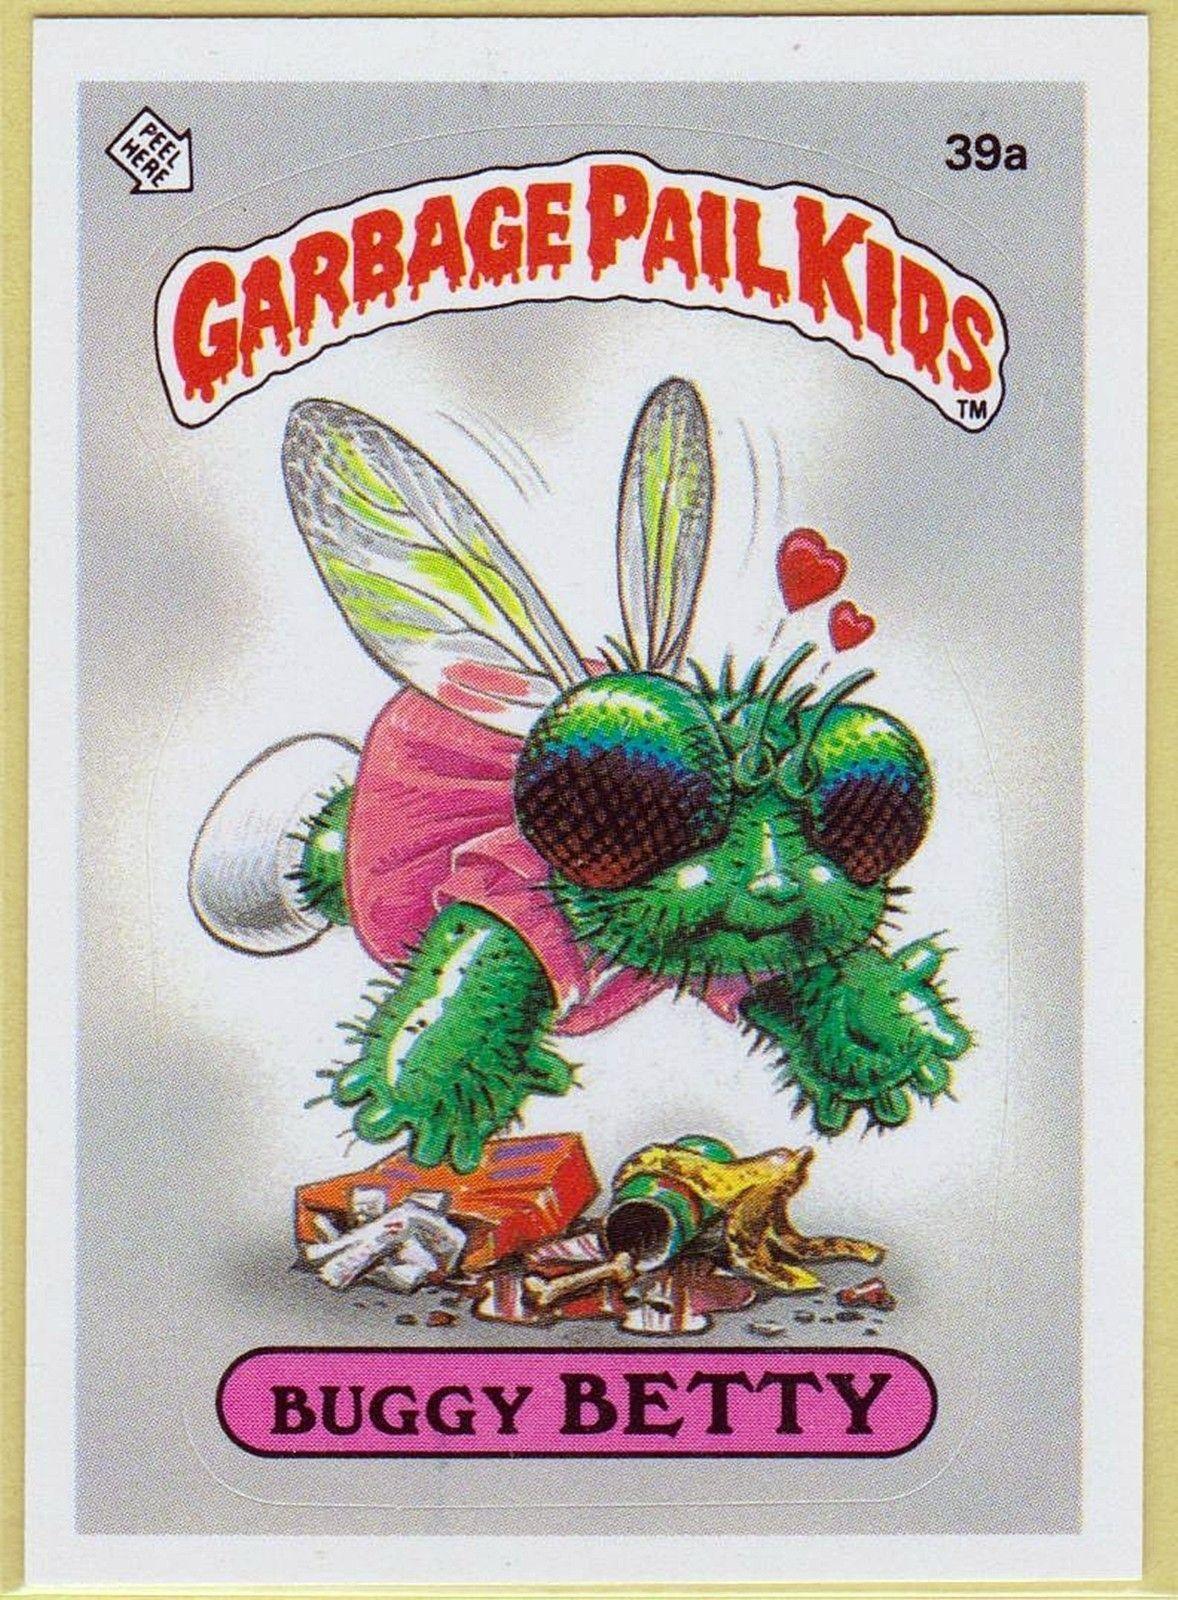 Pin By Lifesapeach19 On Garbage Pail Kids Garbage Pail Kids Cards Garbage Pail Kids Kids Cards